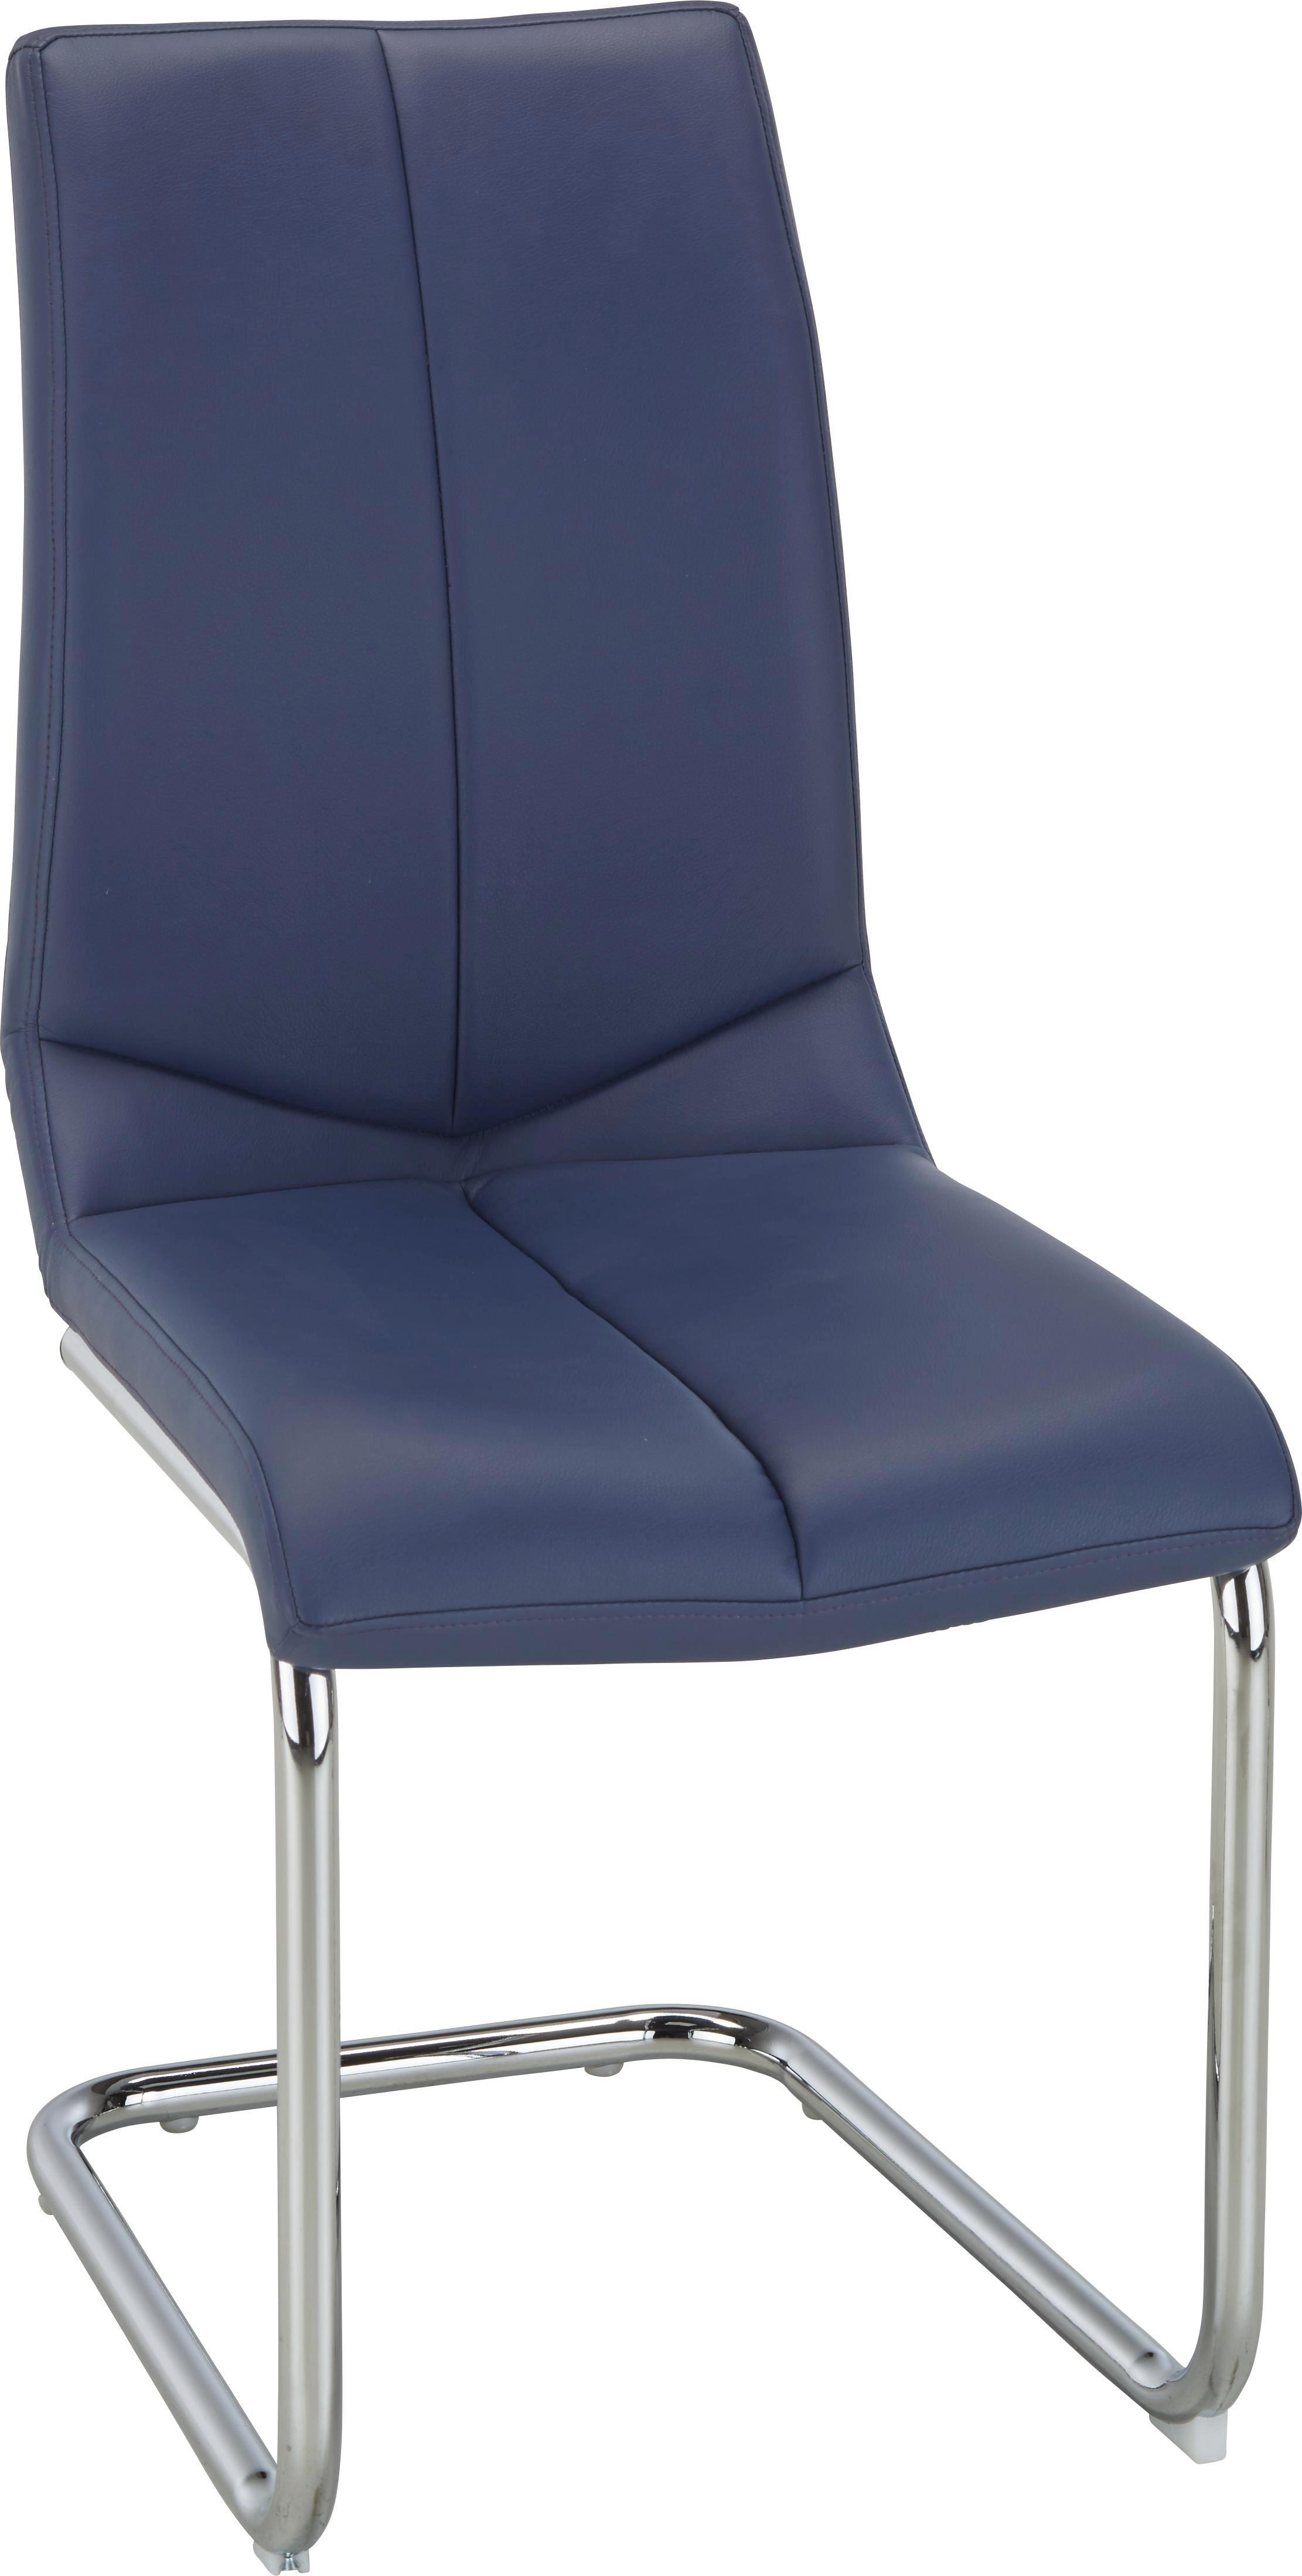 Schwingstuhl in Blau - Blau/Chromfarben, MODERN, Textil/Metall (47/97/56cm) - BASED